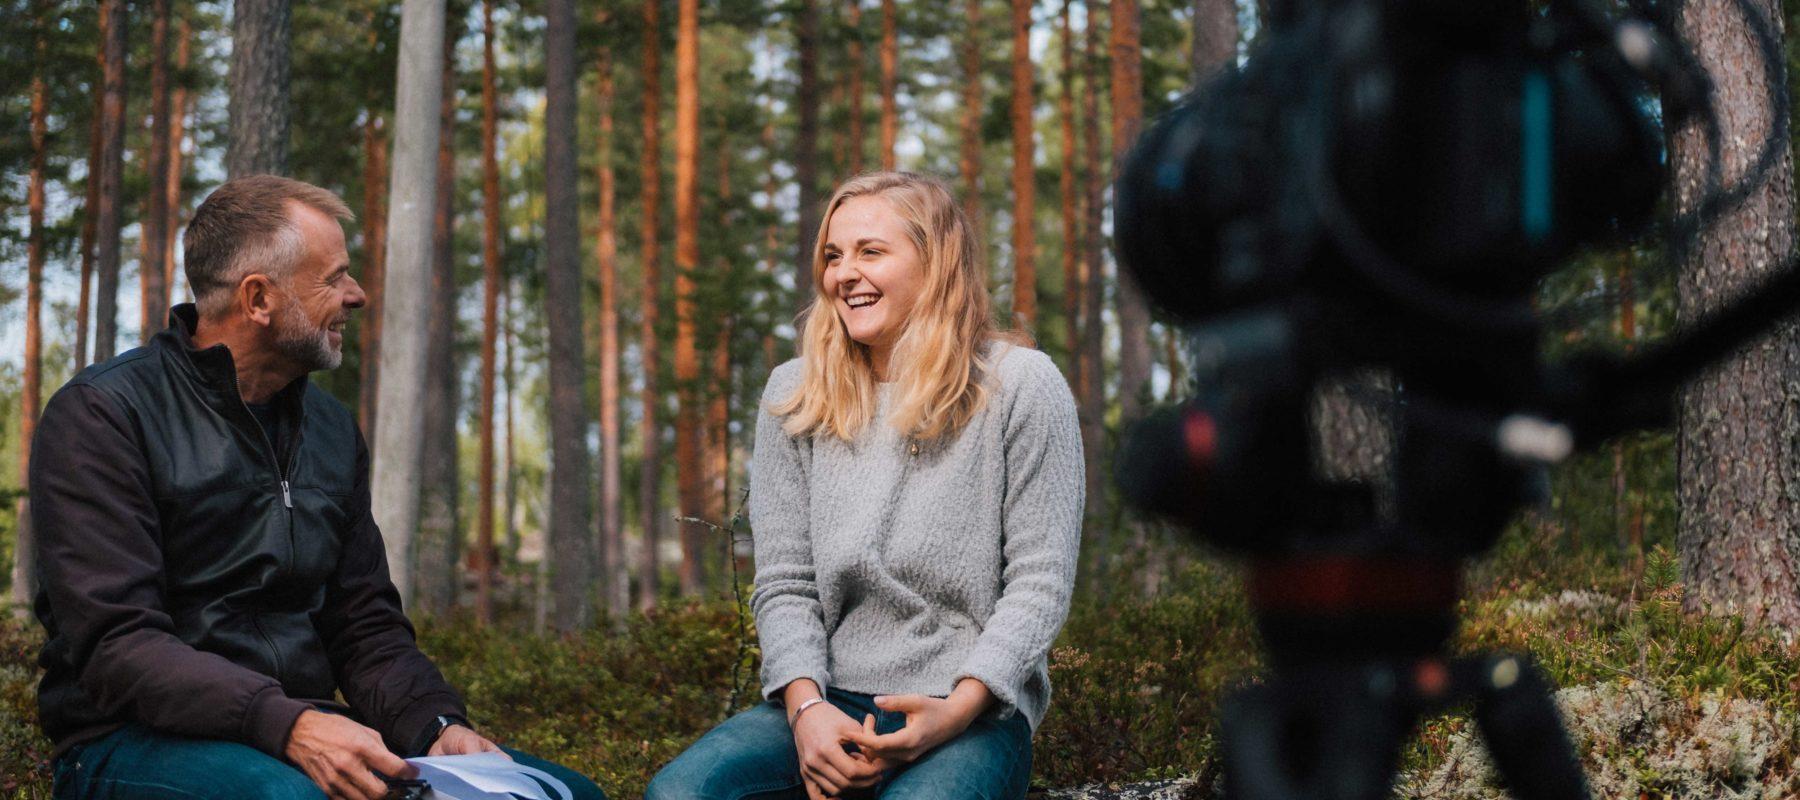 Anders Holmberg har träffat Stina Nilsson och gjort fyra personliga intervjuer om sportjournalistik, fokus, familj och mentorskap. Samtalsämnen som vi tror att många, inte minst unga kvinnor, kan inspireras av.